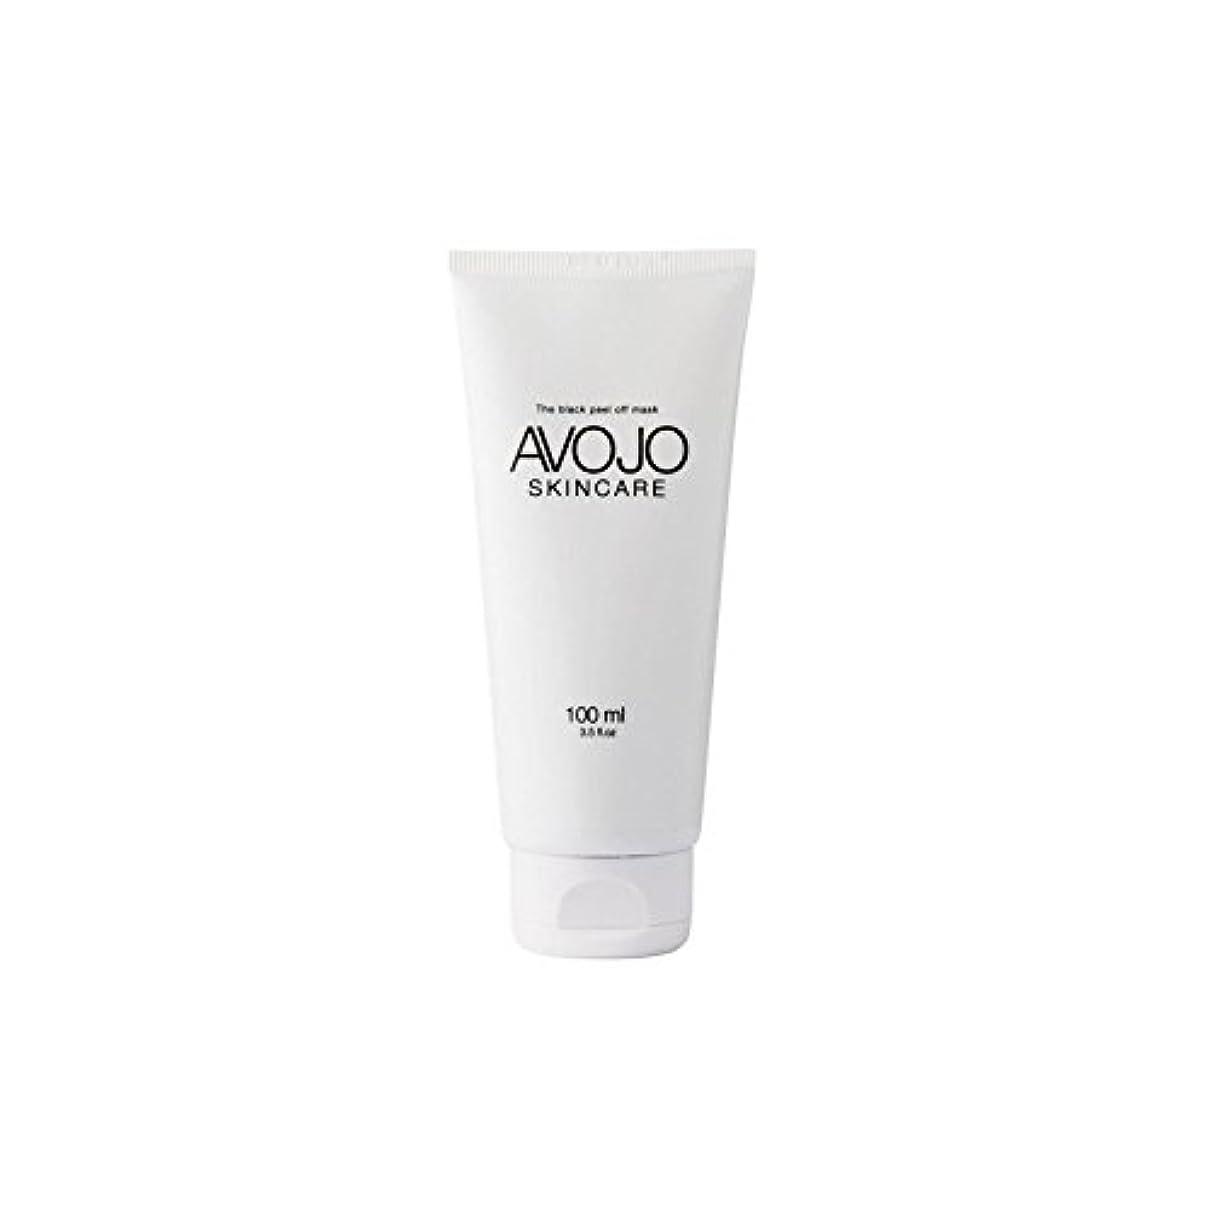 すみません推定するぴったり- 黒皮オフマスク - (ボトル100ミリリットル) x2 - Avojo - The Black Peel Off Mask - (Bottle 100ml) (Pack of 2) [並行輸入品]